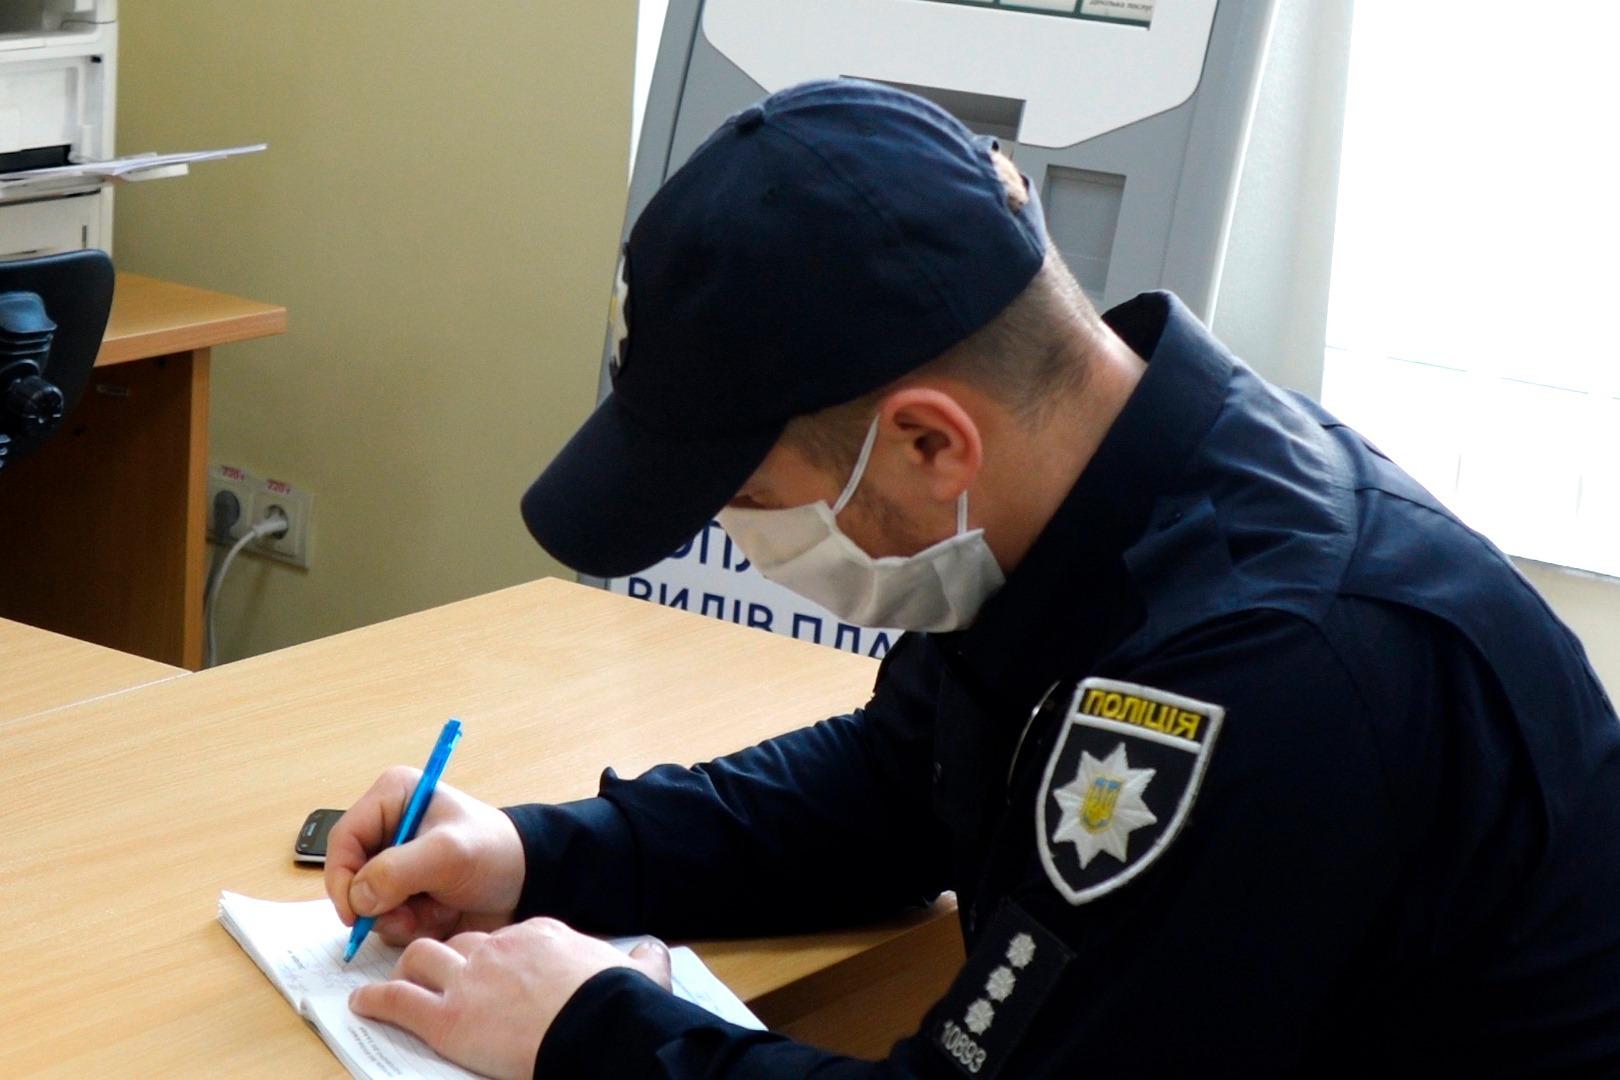 МЕТРО, Велмарт, АТБ та інші: у патрульній поліції розповіли, кого штрафували за порушення карантину у Франківську